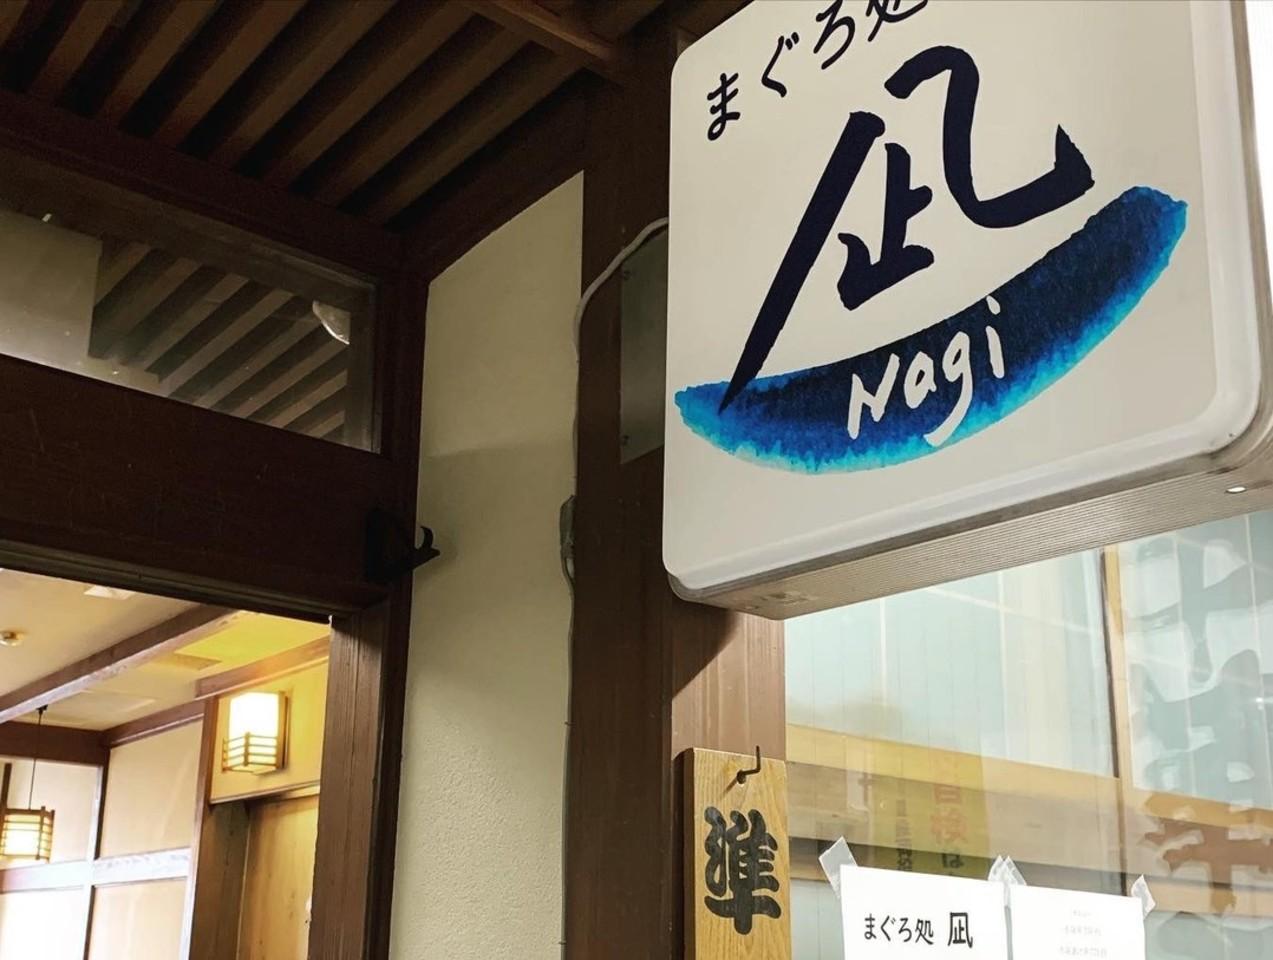 山形県山形市流通センターに「まぐろ処 凪」が3/23~プレオープンされてるようです。